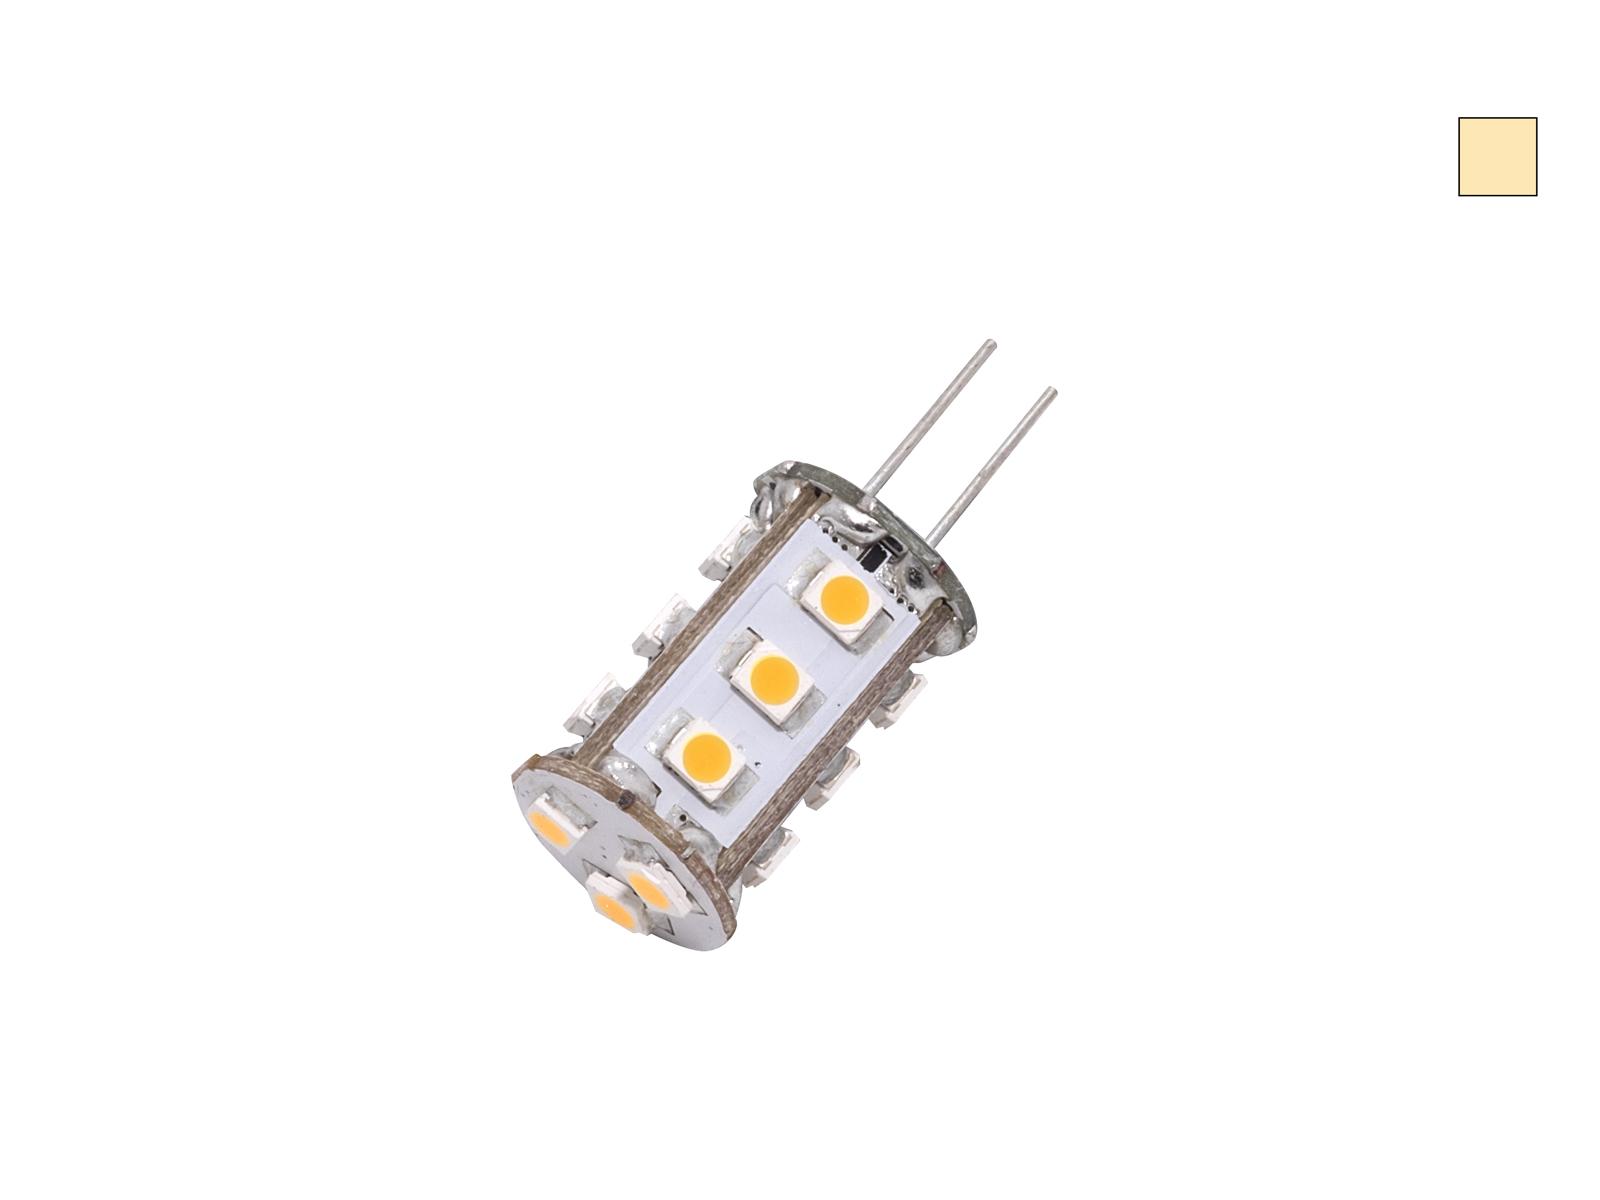 480501215_g4_platine_zylinder_18smd_1600 Schöne Led Leuchtmittel G4 12v Dimmbar Dekorationen